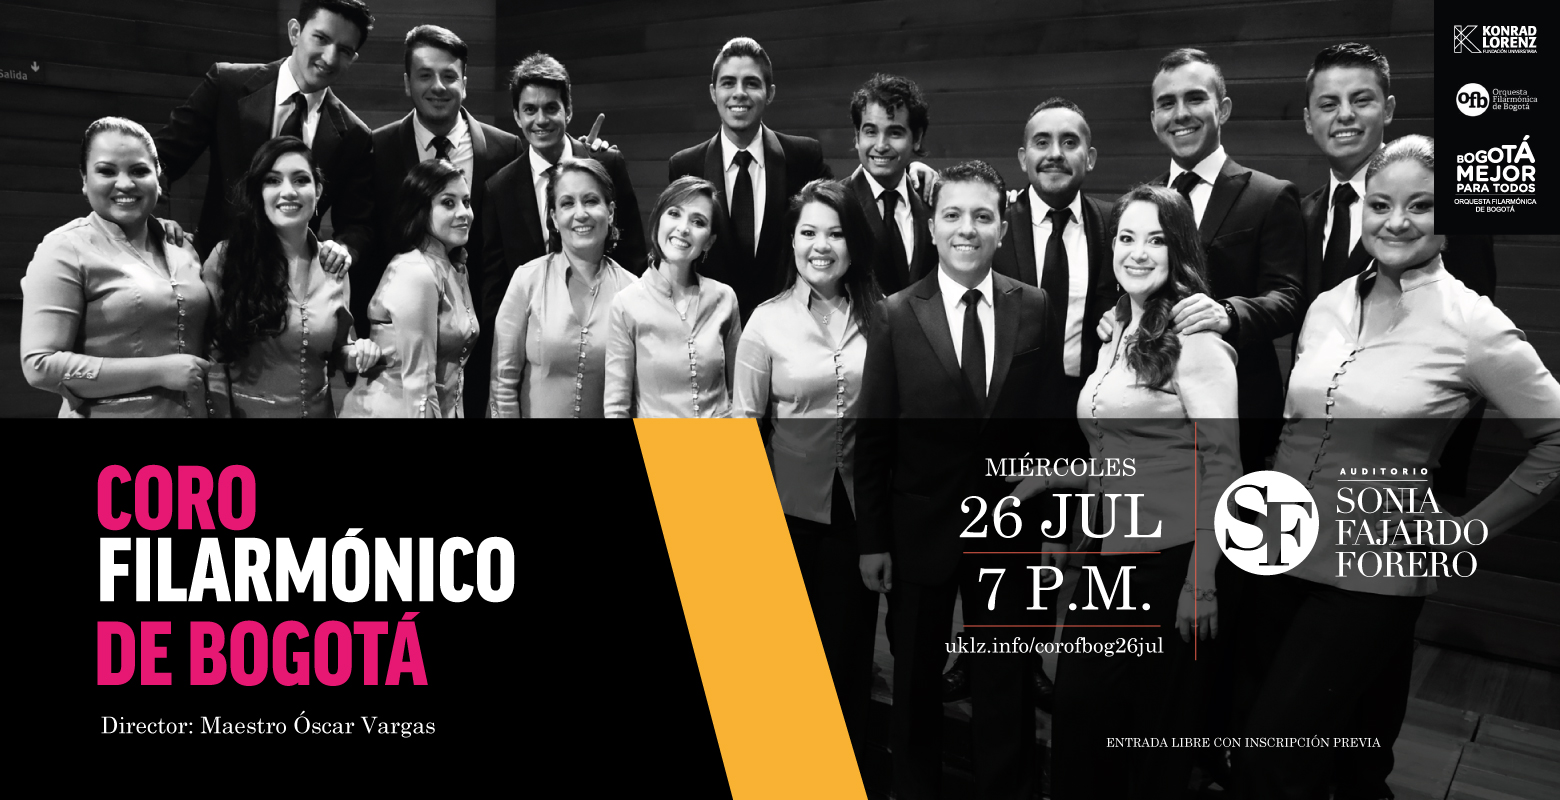 Concierto: Coro filarmónico de la Corporación Carmiña Gallo